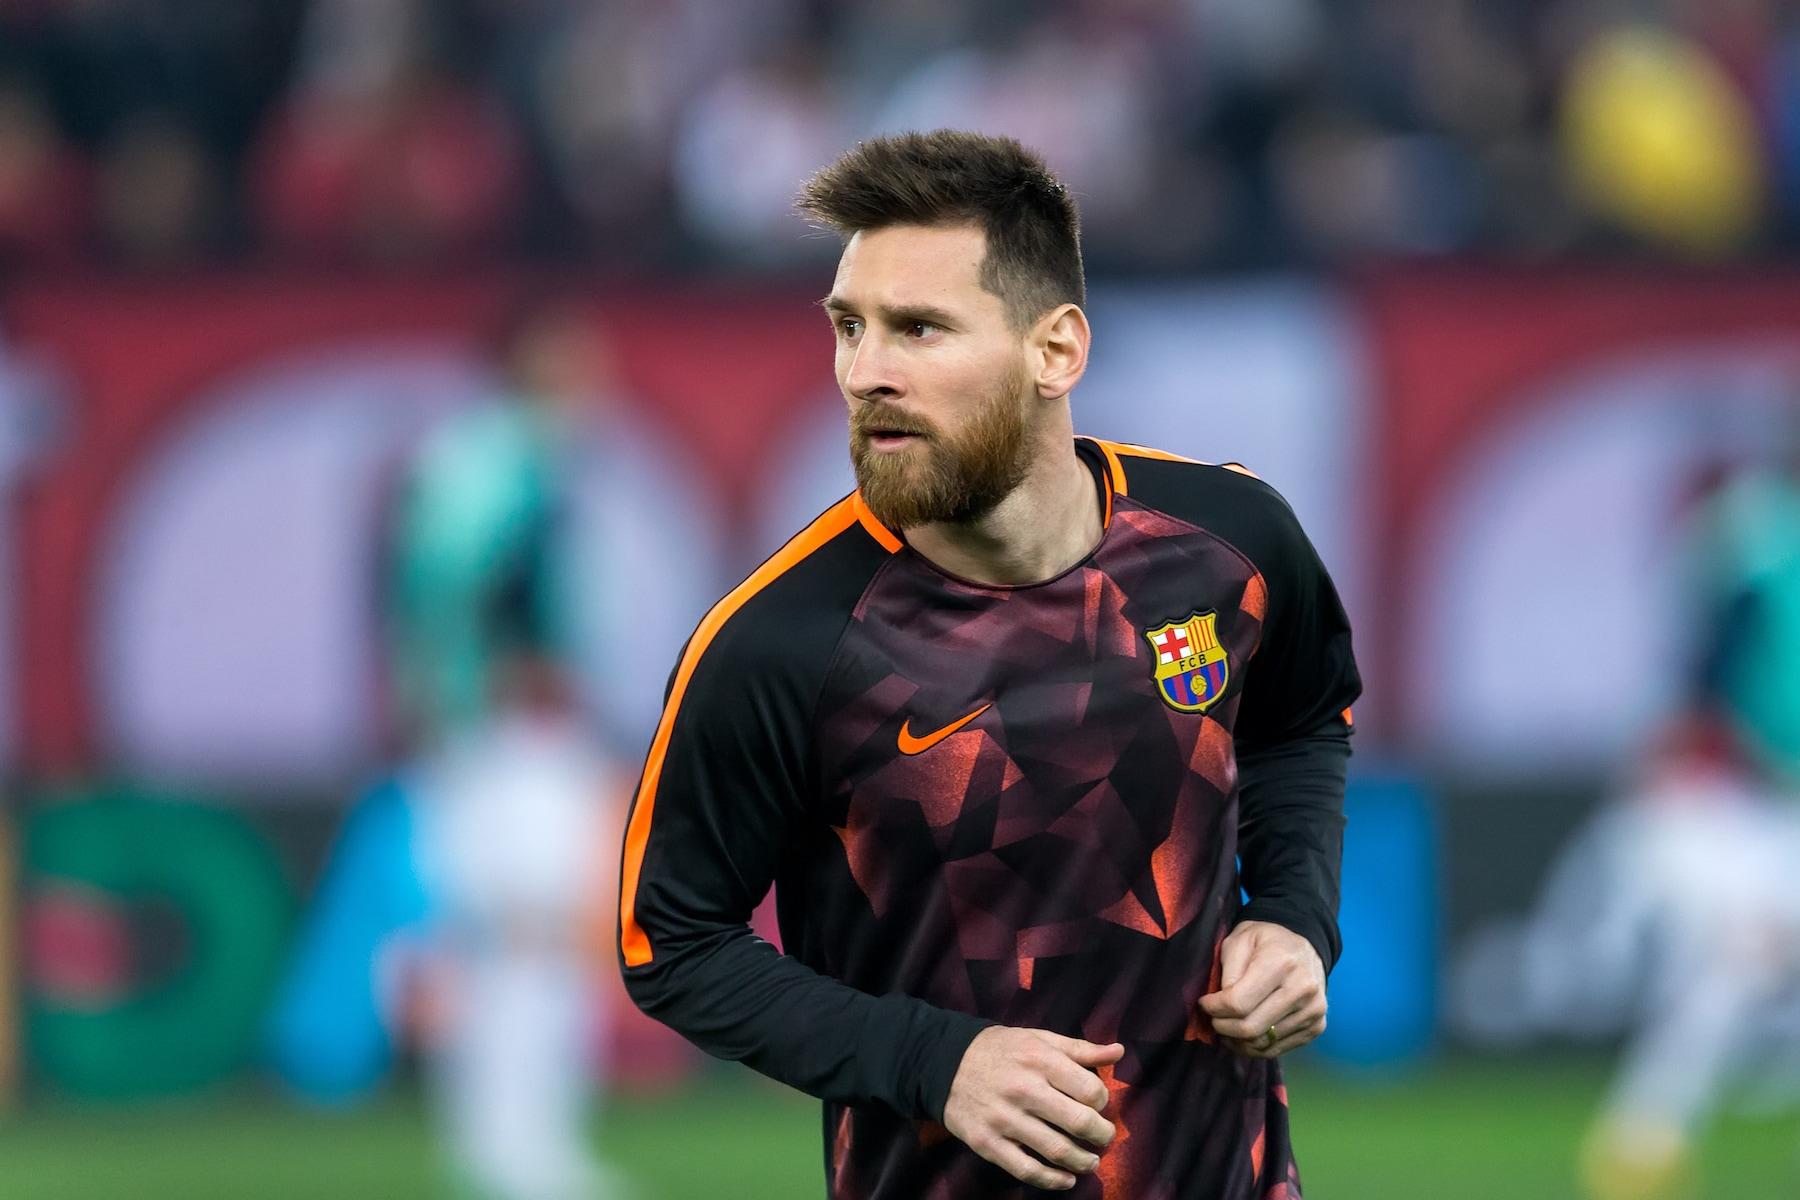 Lionel messi gaya rambut pemain sepak bola.